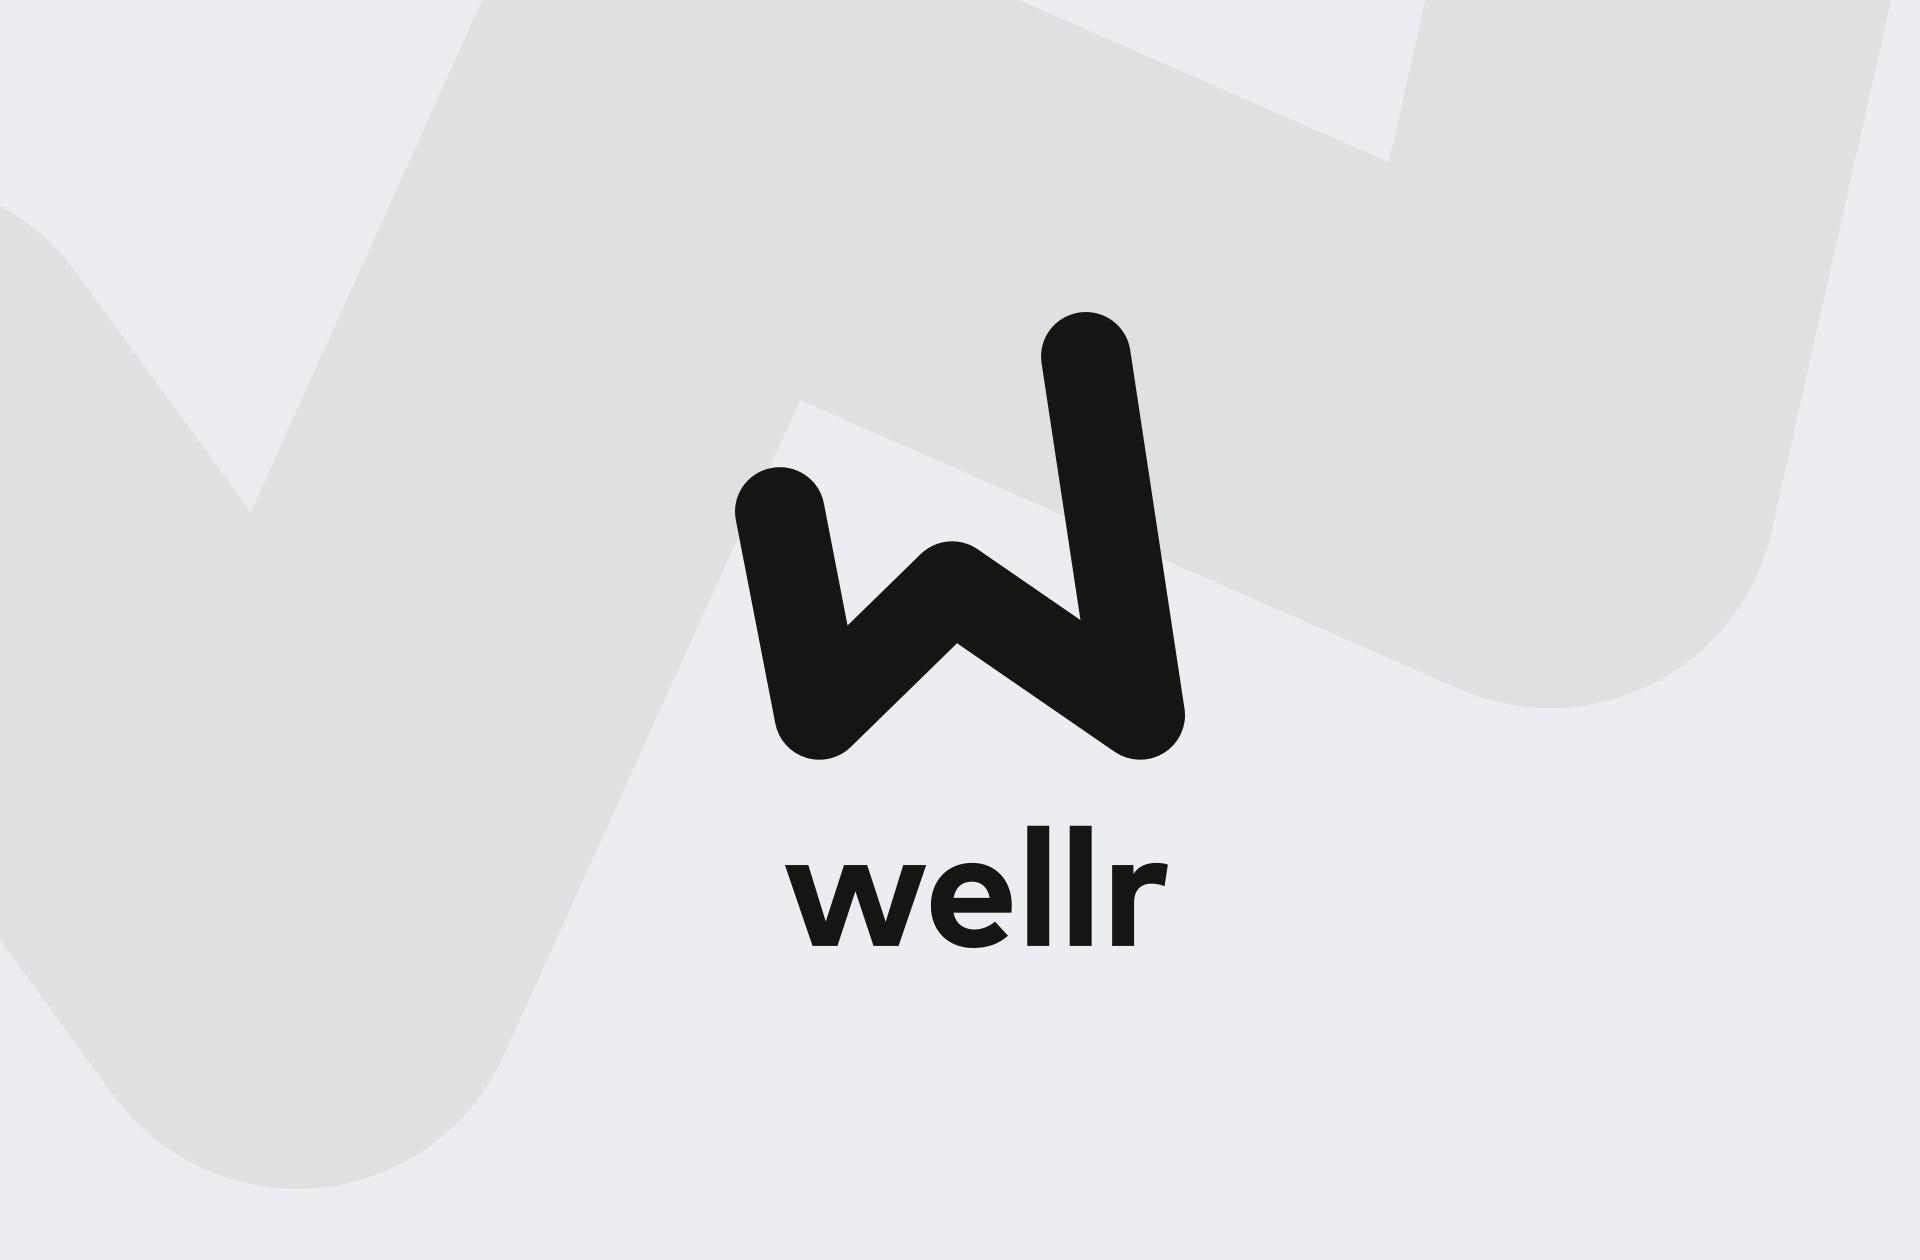 Wellr health app